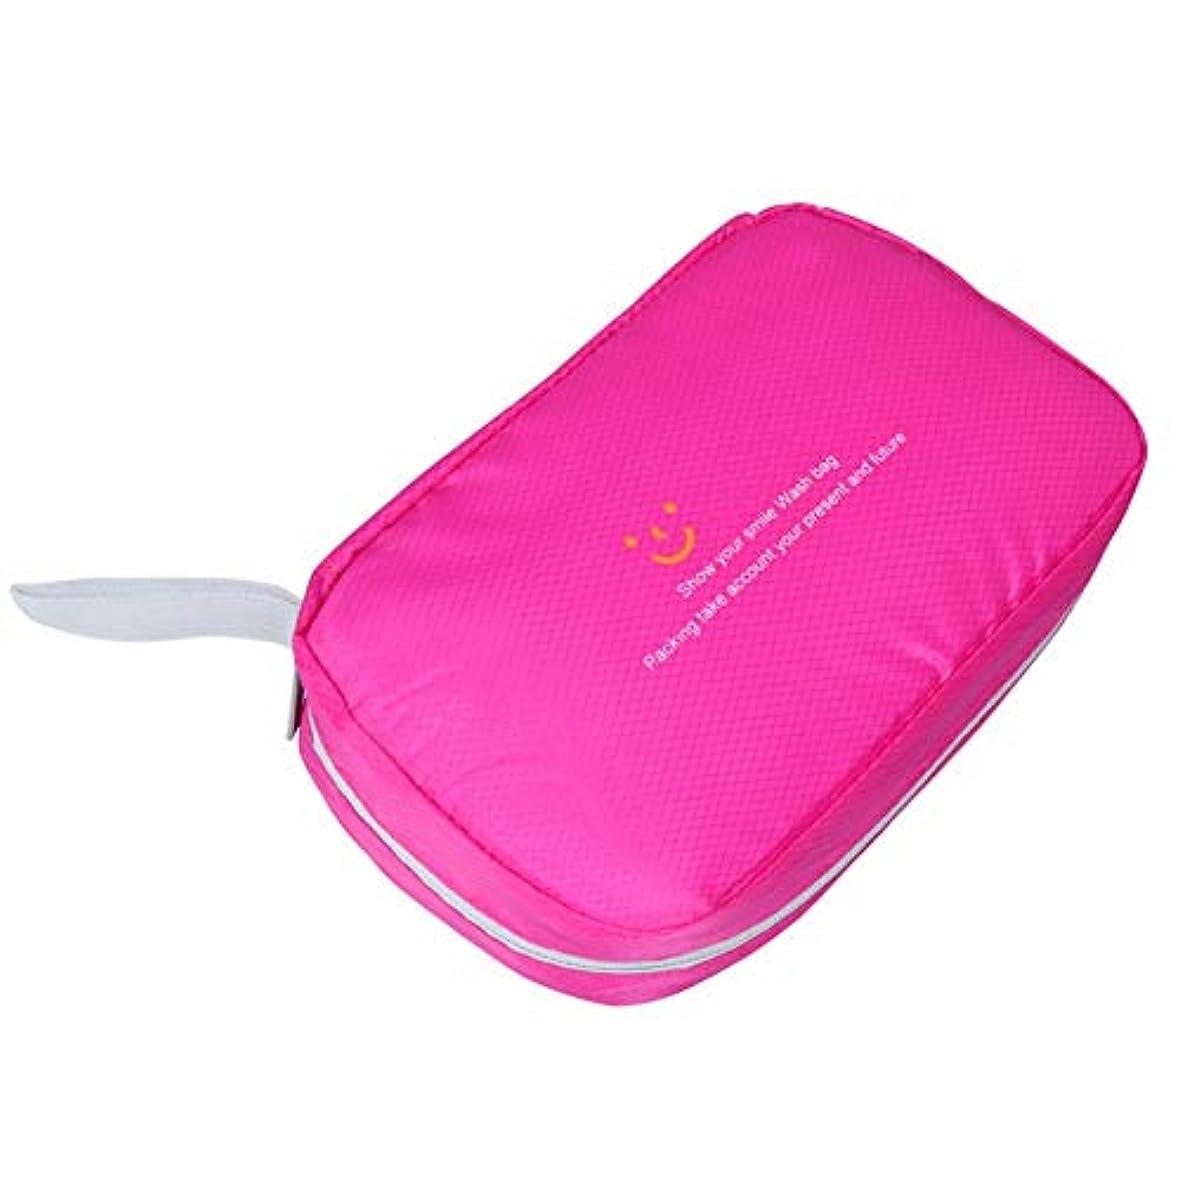 操作電話に出るの慈悲で特大スペース収納ビューティーボックス 美の構造のためそしてジッパーおよび折る皿が付いている女の子の女性旅行そして毎日の貯蔵のための高容量の携帯用化粧品袋 化粧品化粧台 (色 : ピンク)